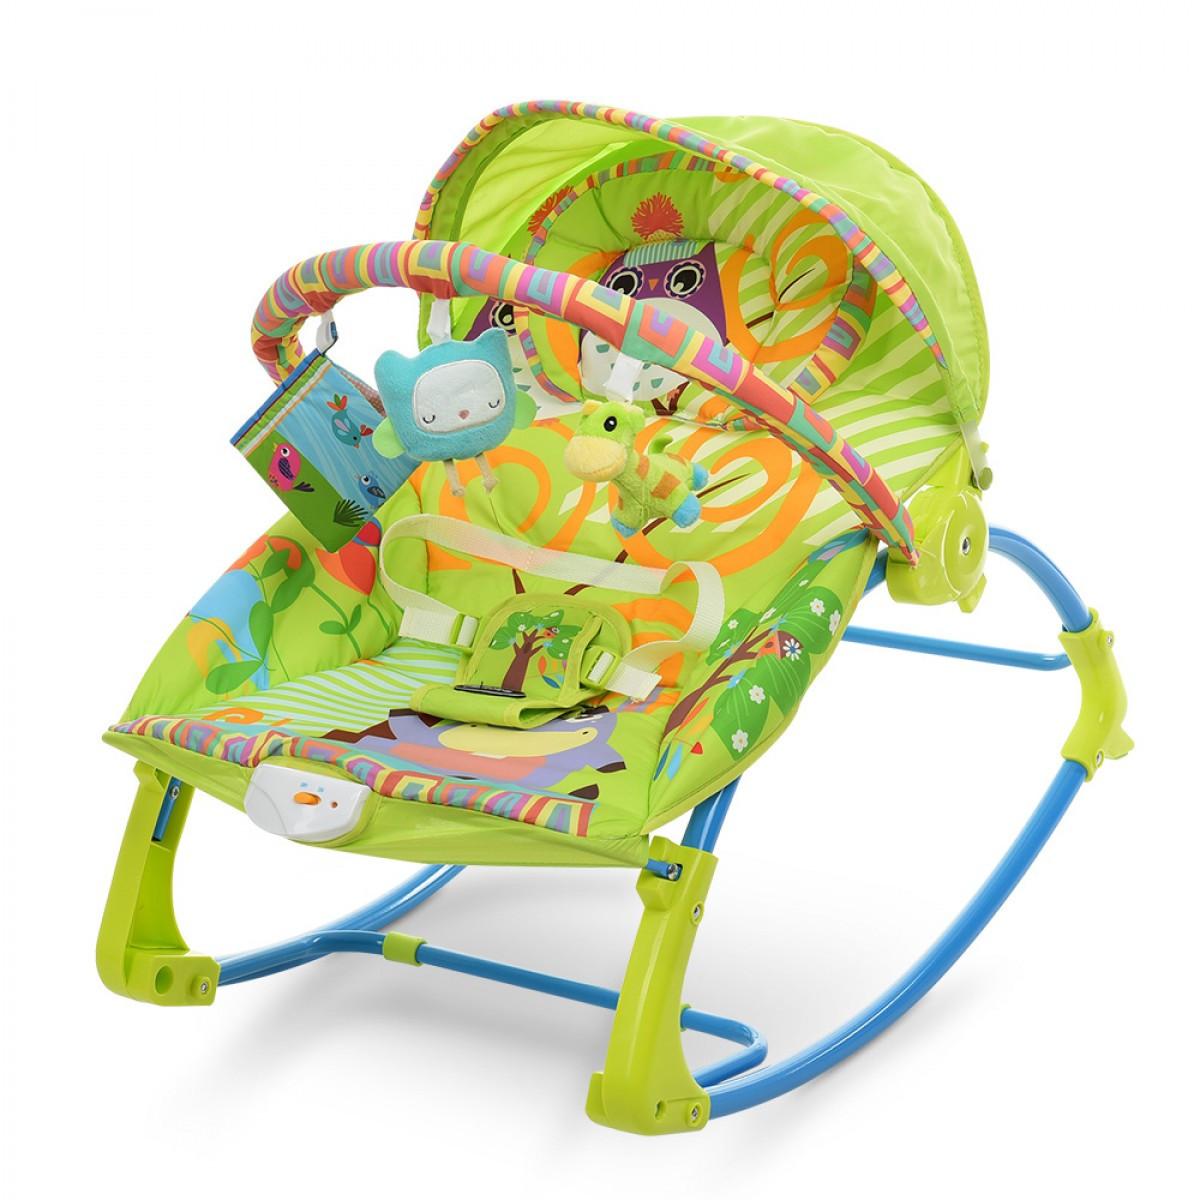 Шезлонг-качалка детский Bambi PK-306-5 Зеленый